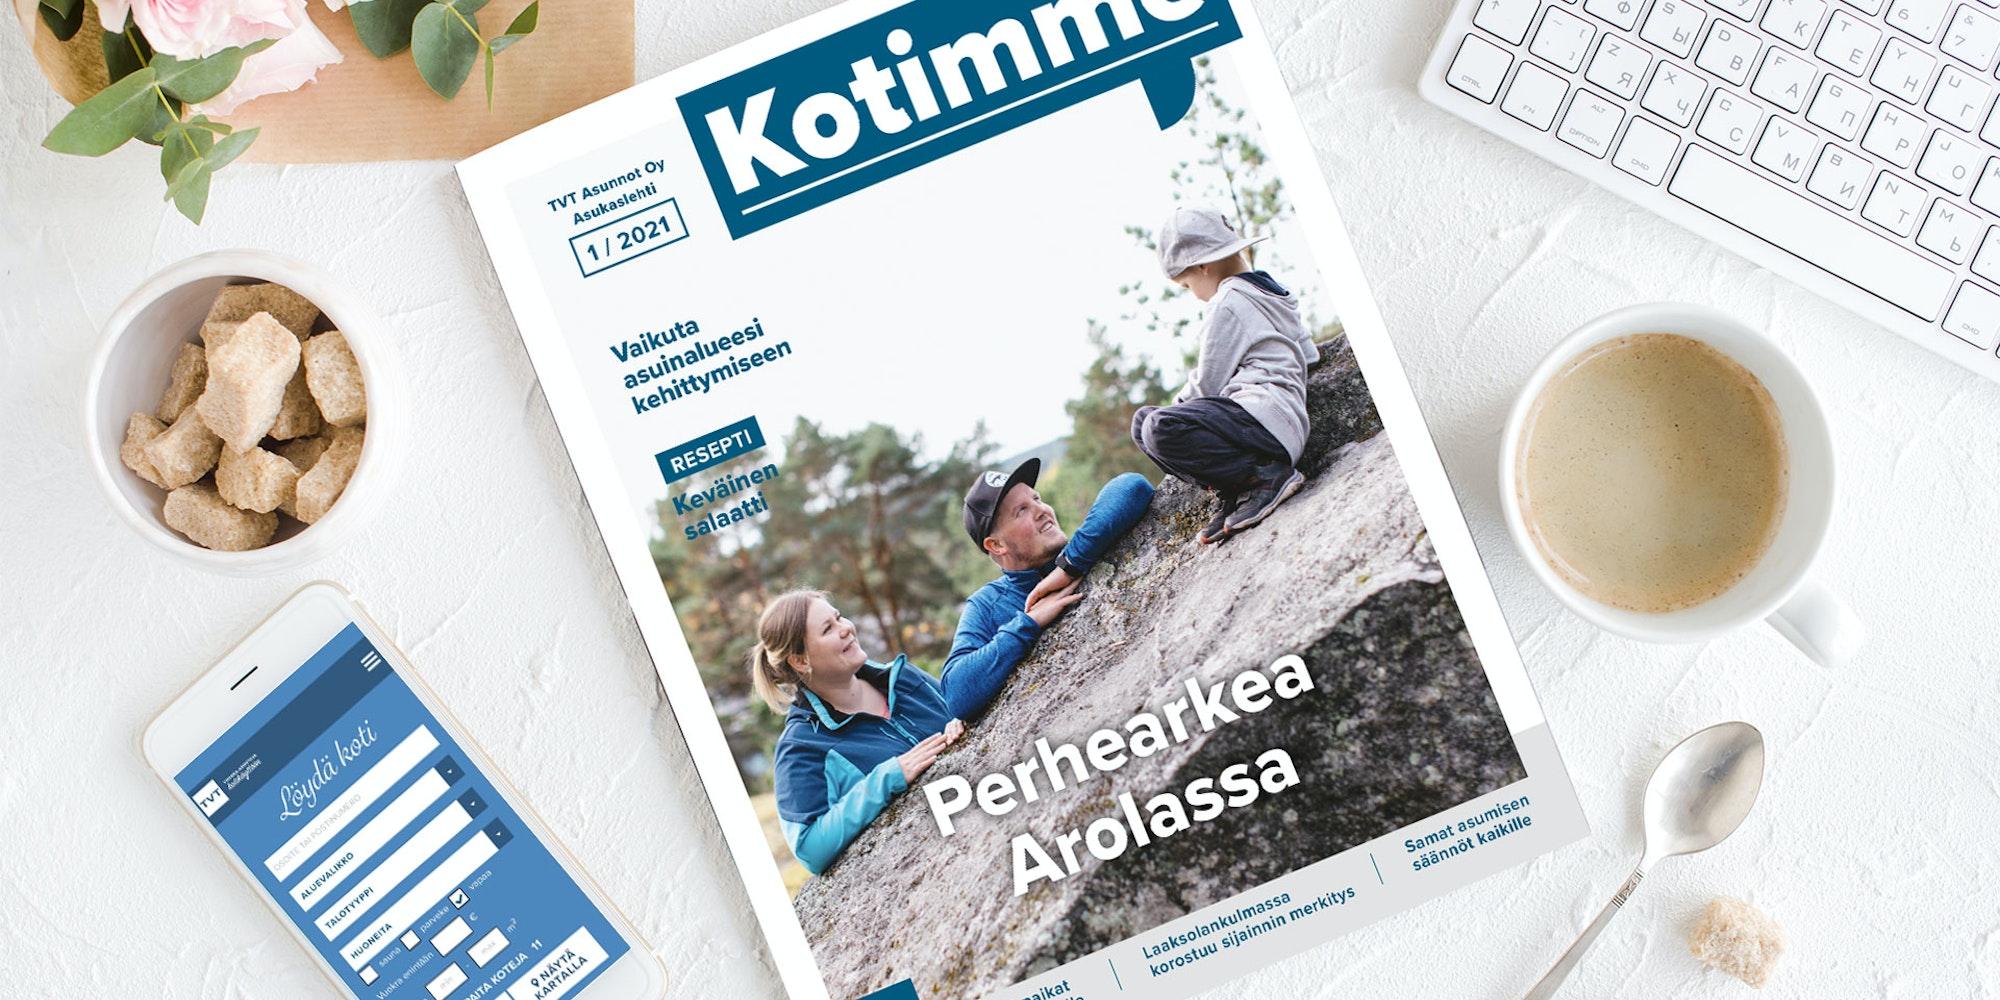 Kotimme lehti 1/2021 kansi: Perhearkea Arolassa